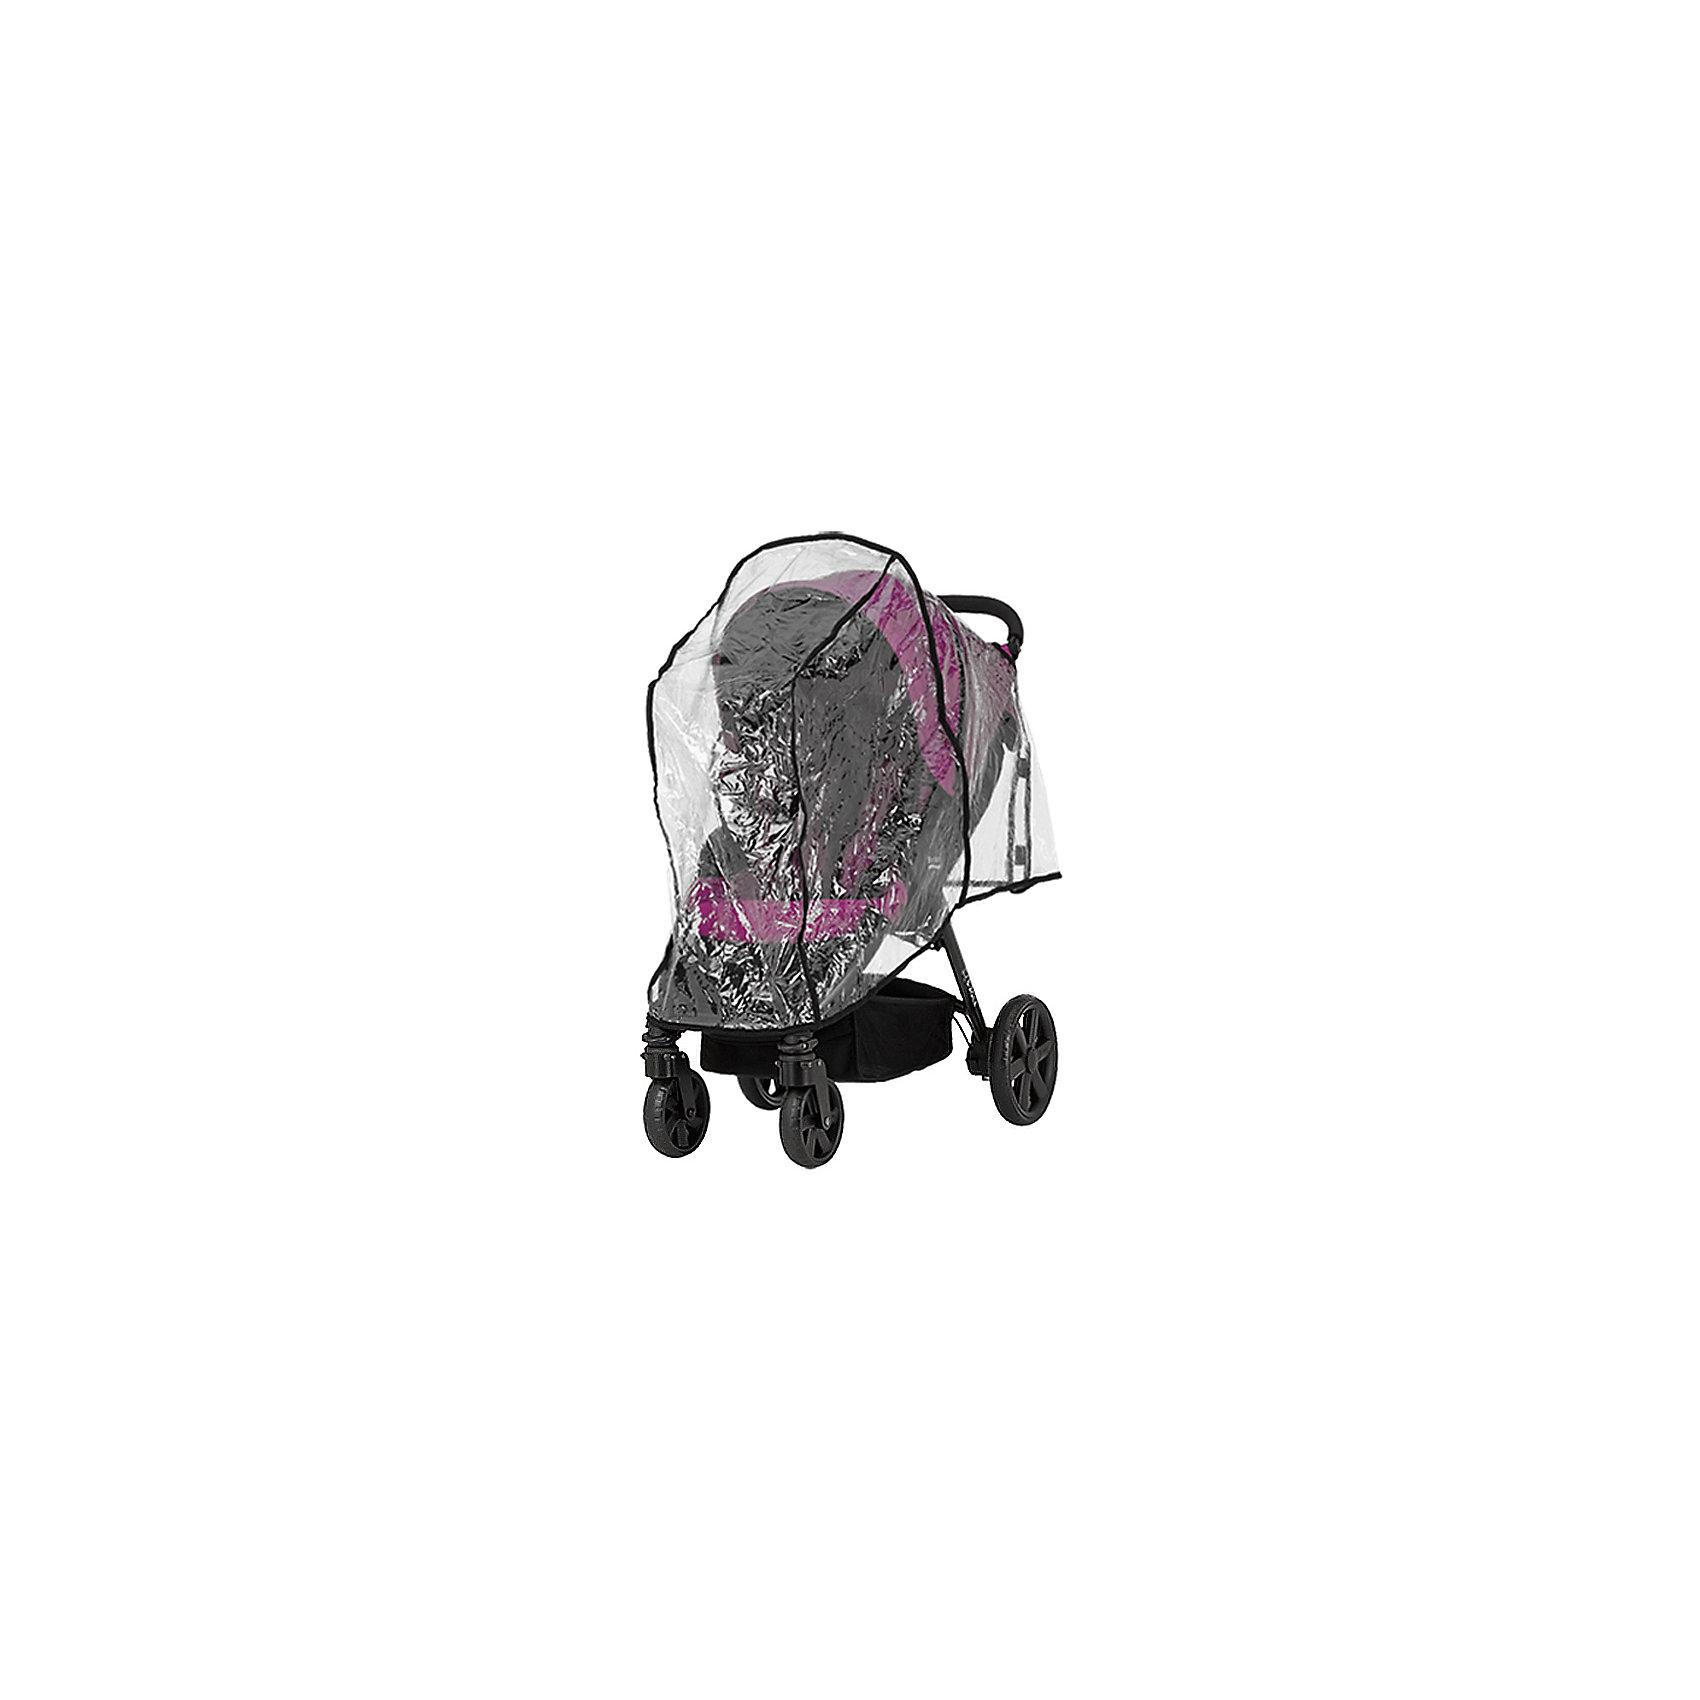 Дождевик для детской коляски B-Agile/ B-Motion, Britax, BlackАксессуары для колясок<br>Дождевик для детских прогулочных колясок Britax  B-Agile/ B-Motion<br>Прост и удобен в использовании. <br>Надежно защитит малыша от непогоды.<br>Изготовлен из мягкой и прочной пленки ПВХ, не содержит вредных веществ.<br><br>Ширина мм: 195<br>Глубина мм: 260<br>Высота мм: 65<br>Вес г: 550<br>Возраст от месяцев: 0<br>Возраст до месяцев: 48<br>Пол: Унисекс<br>Возраст: Детский<br>SKU: 5484743